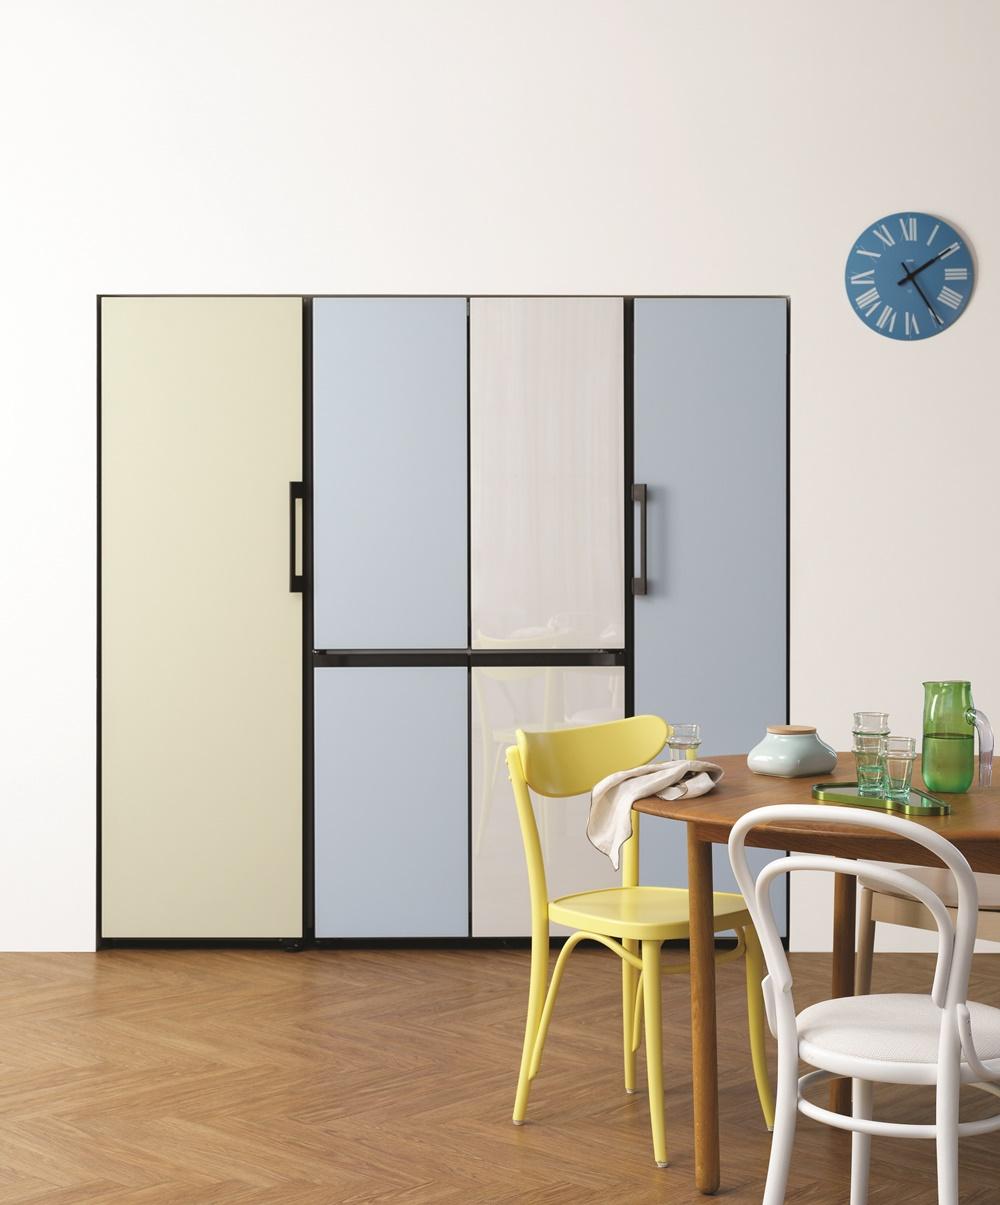 삼성전자 비스포크 냉장고 라이프스타일 이미지